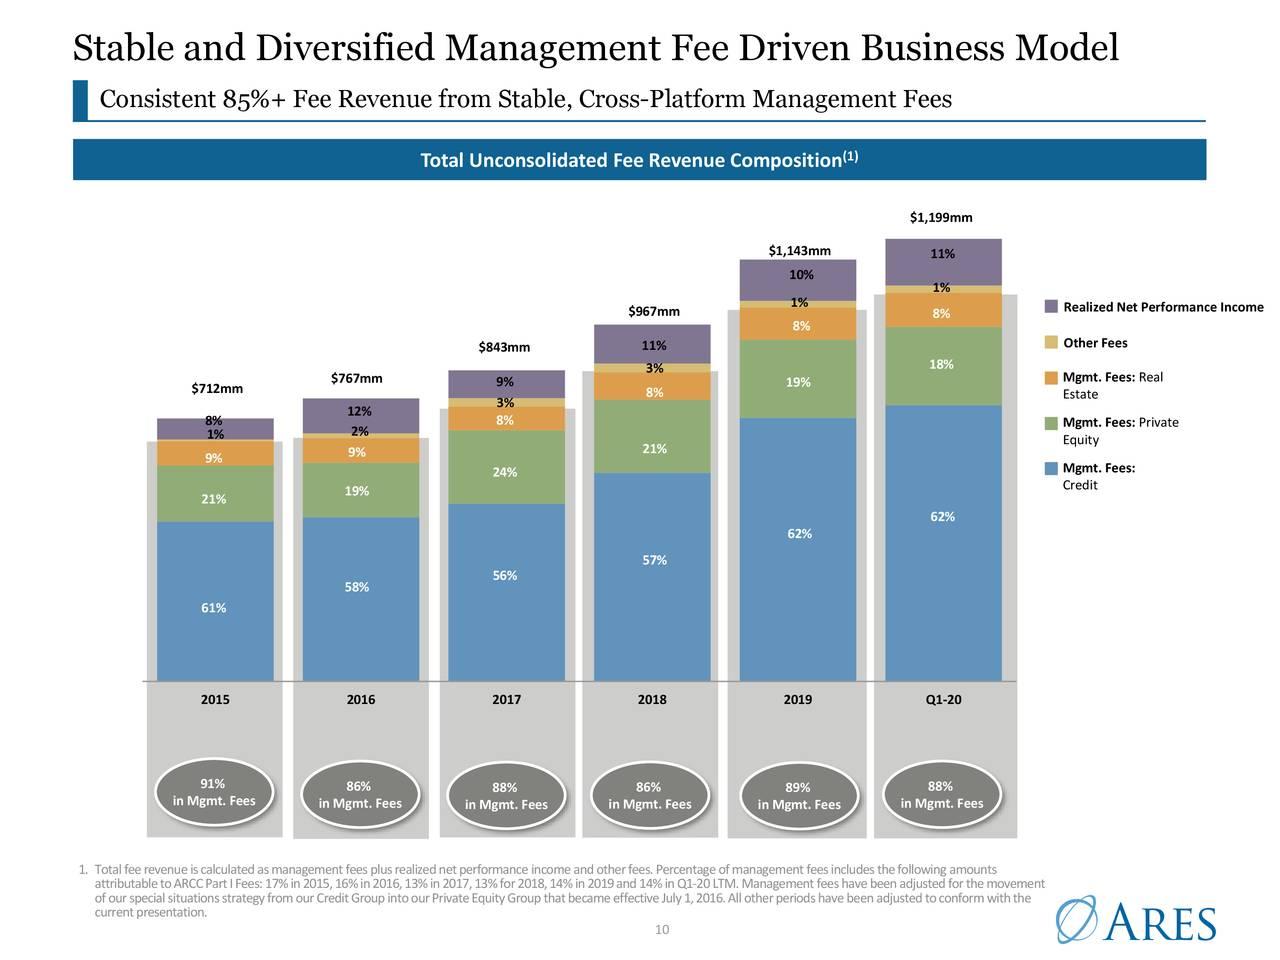 Modelo de negocio de gestión estable y diversificado basado en honorarios